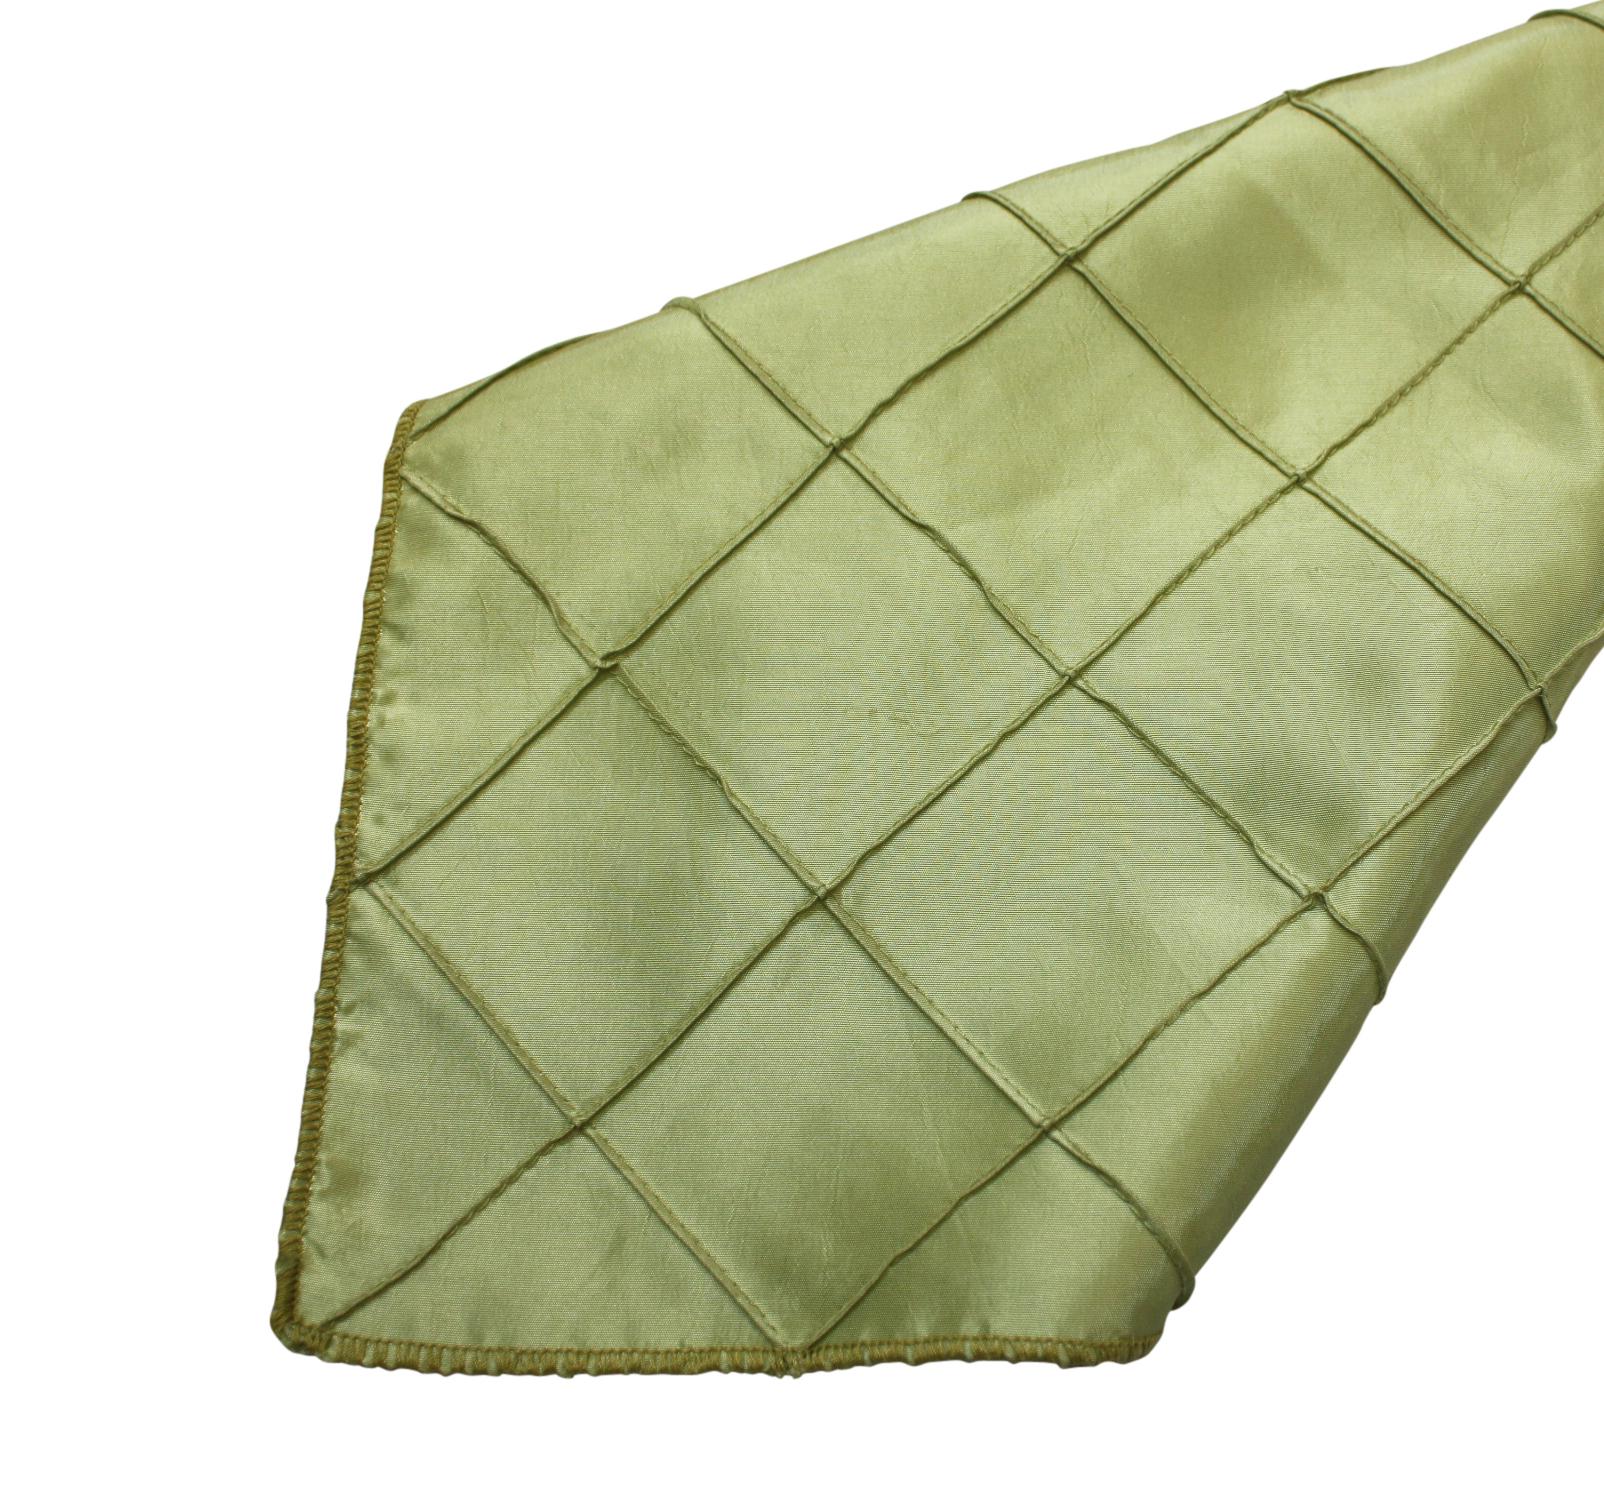 Apple Pintuck Napkin